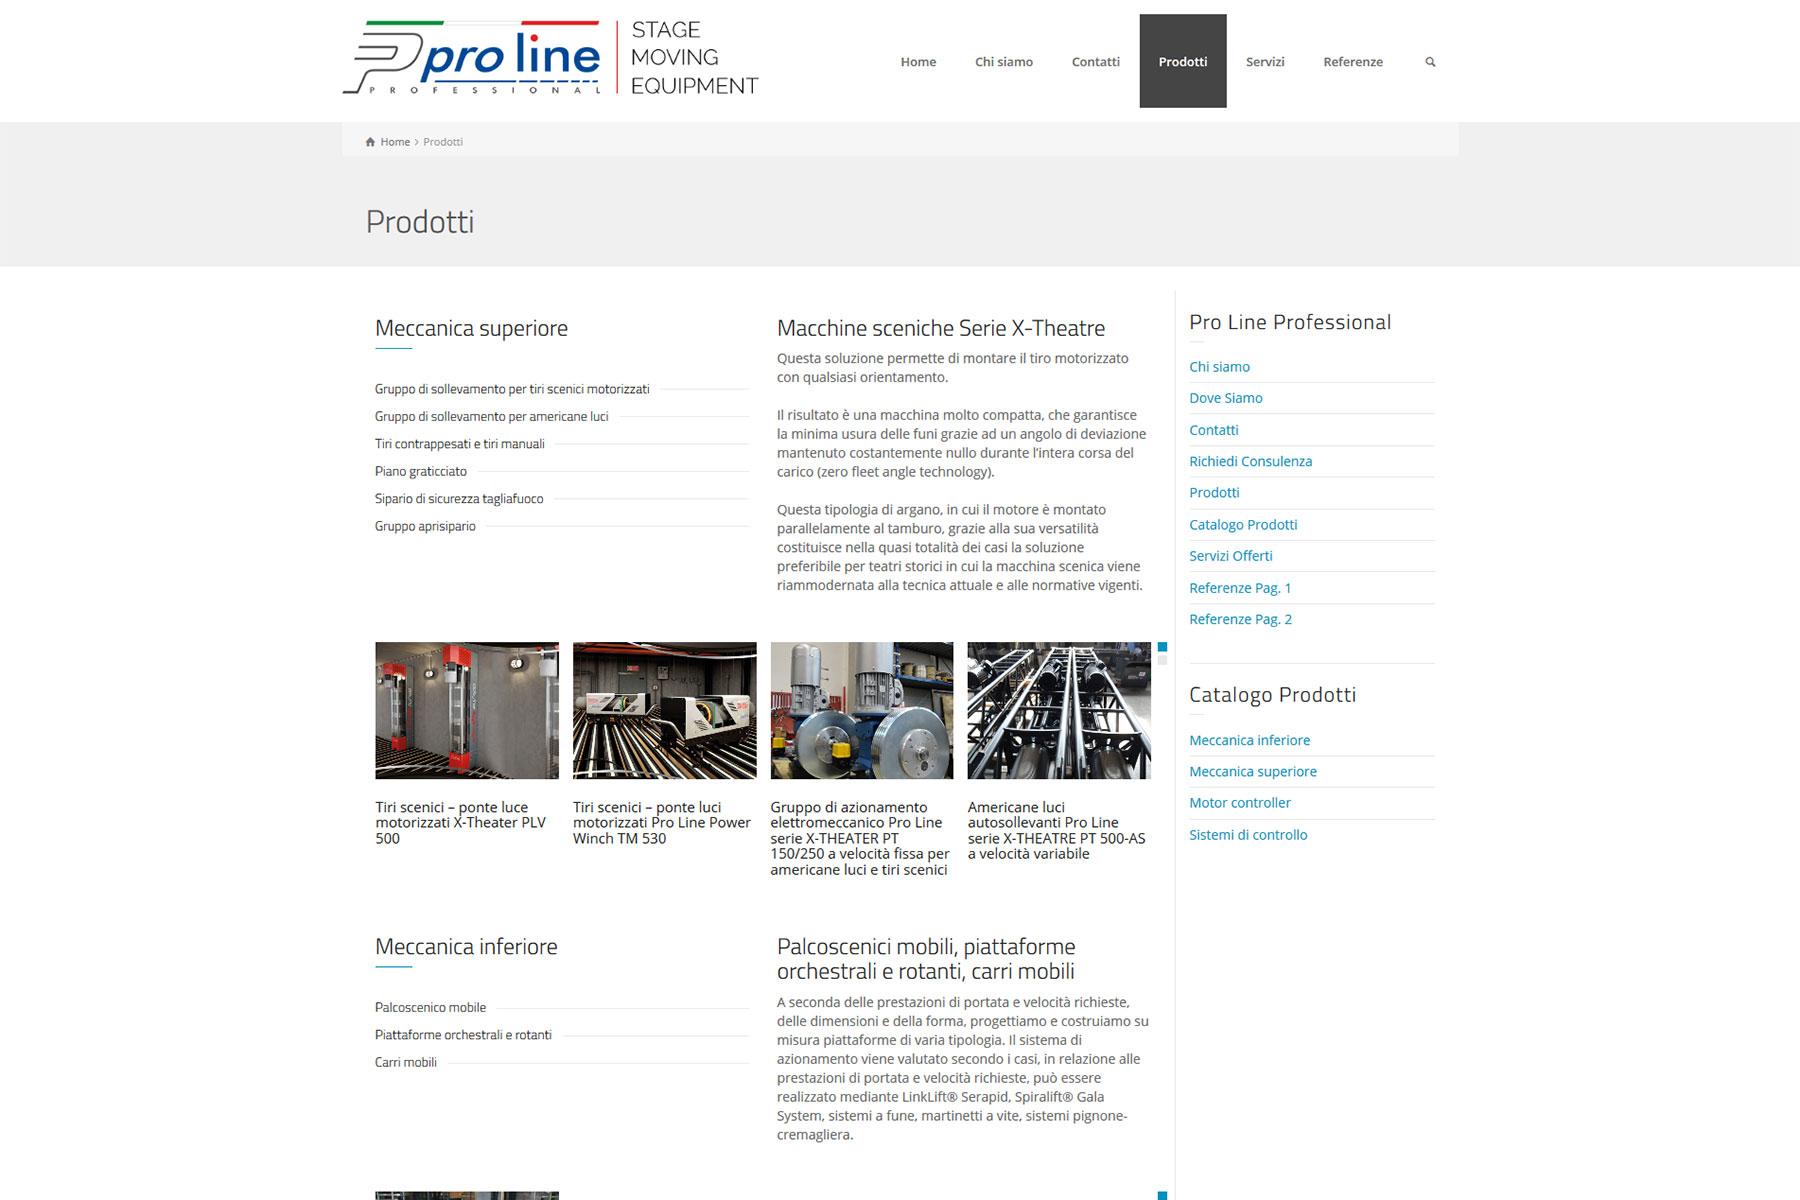 xplay-agenzia-web-sito-proline-professional-este-padova